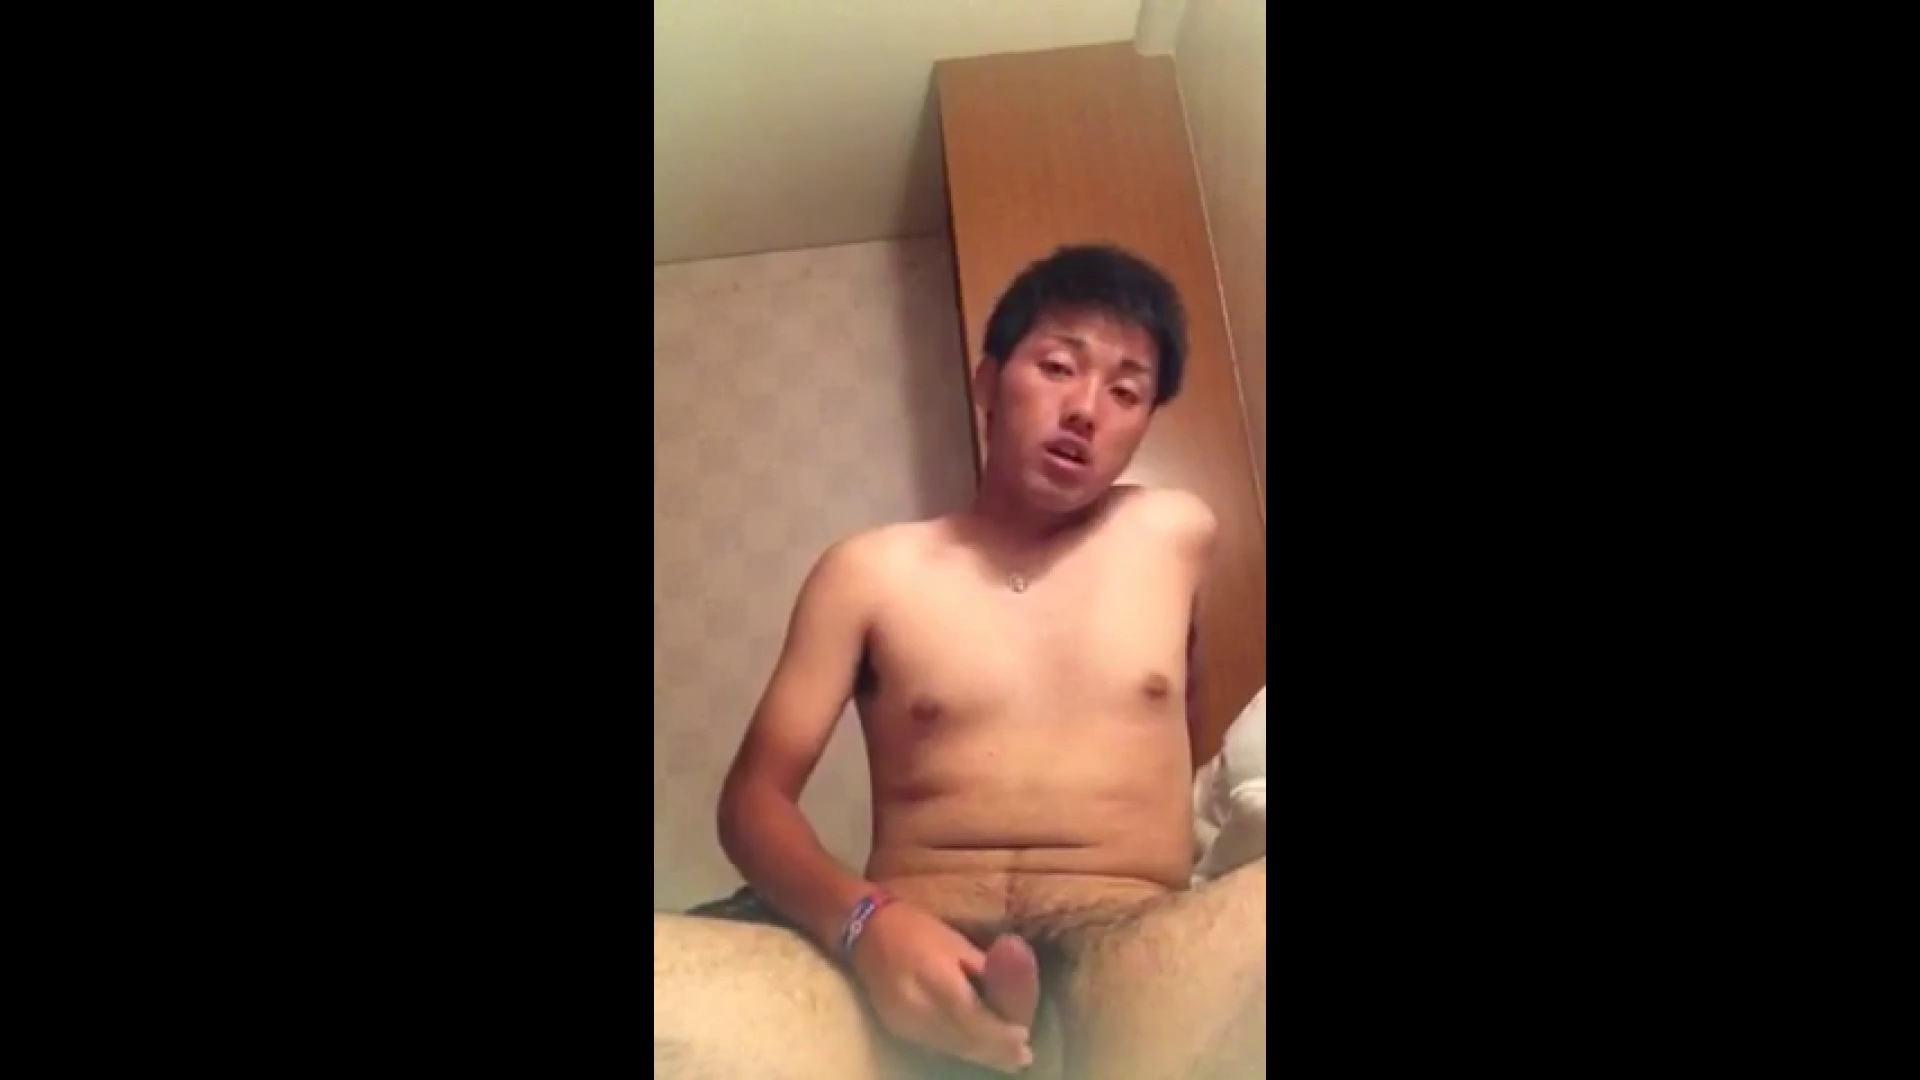 キター!ノンケちゃんオナニー特集vol.29 ノンケ天国 ゲイアダルト画像 107pic 16